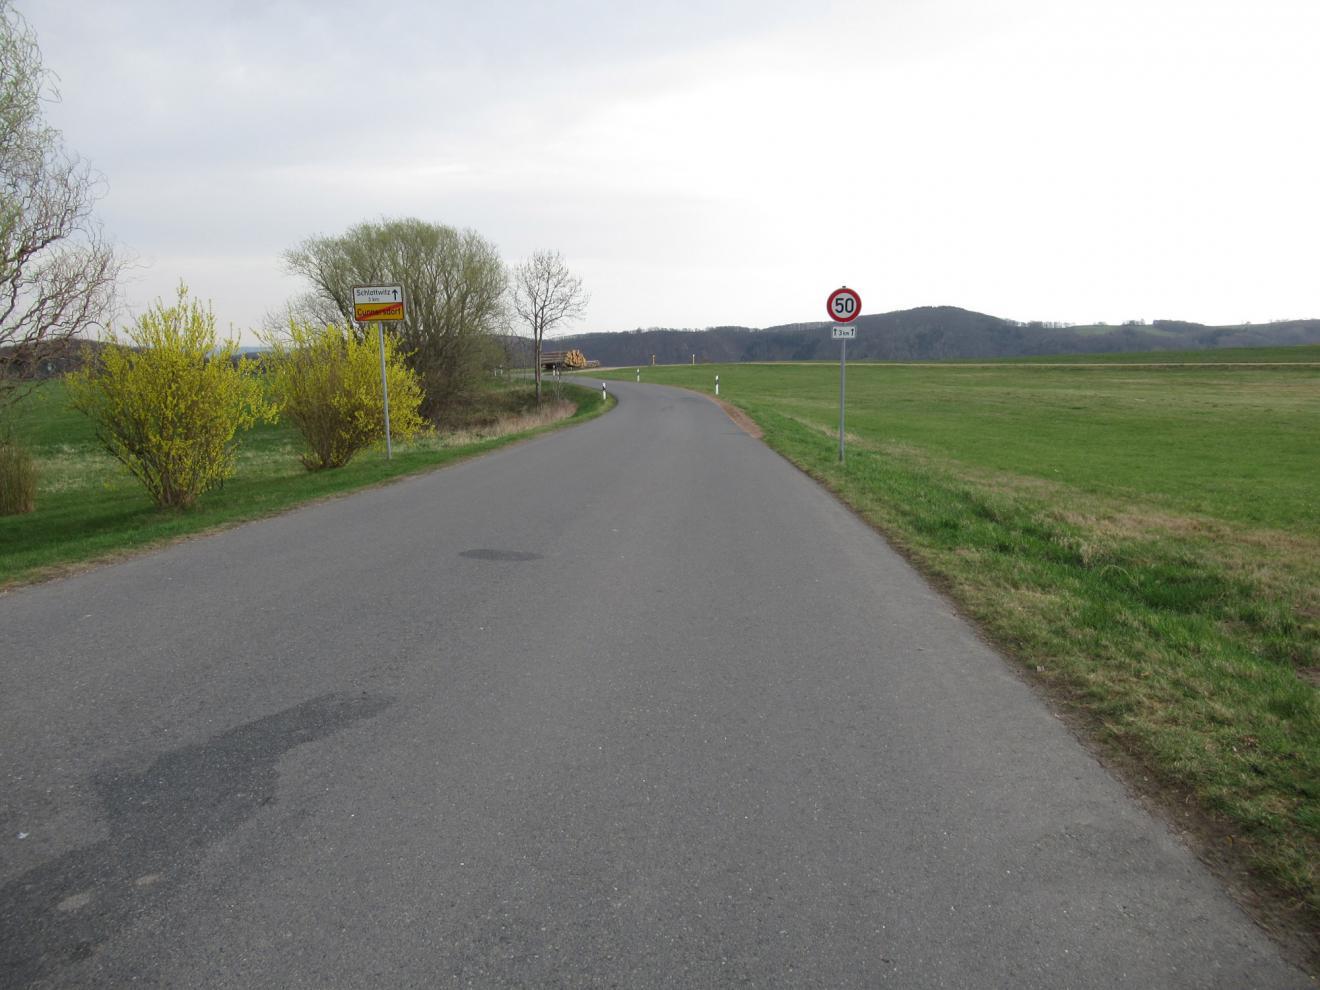 Beweissicherung - vor Baubeginn - Deponie Cunnersdorf - Zufahrt Straßenabschnitt Lange Straße 37, Glashütte / OT Schlottwitz